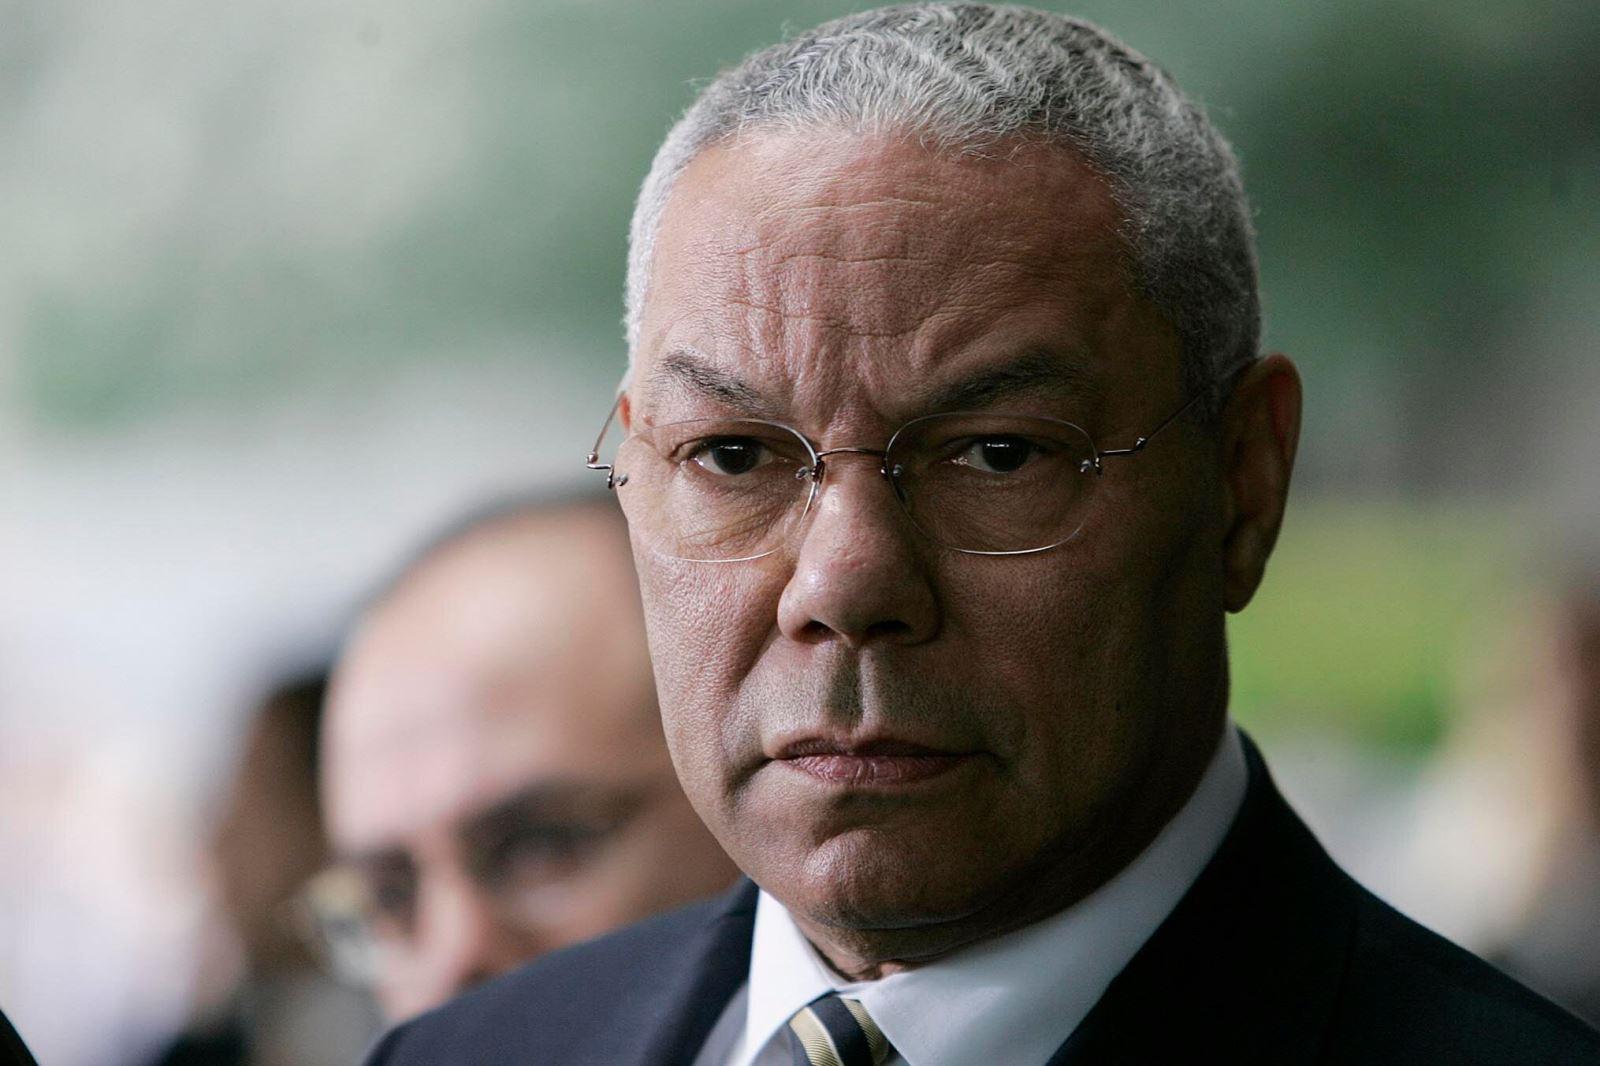 Bác bỏ hoài nghi sau cái chết của cựu Ngoại trưởng Mỹ do biến chứng COVID-19